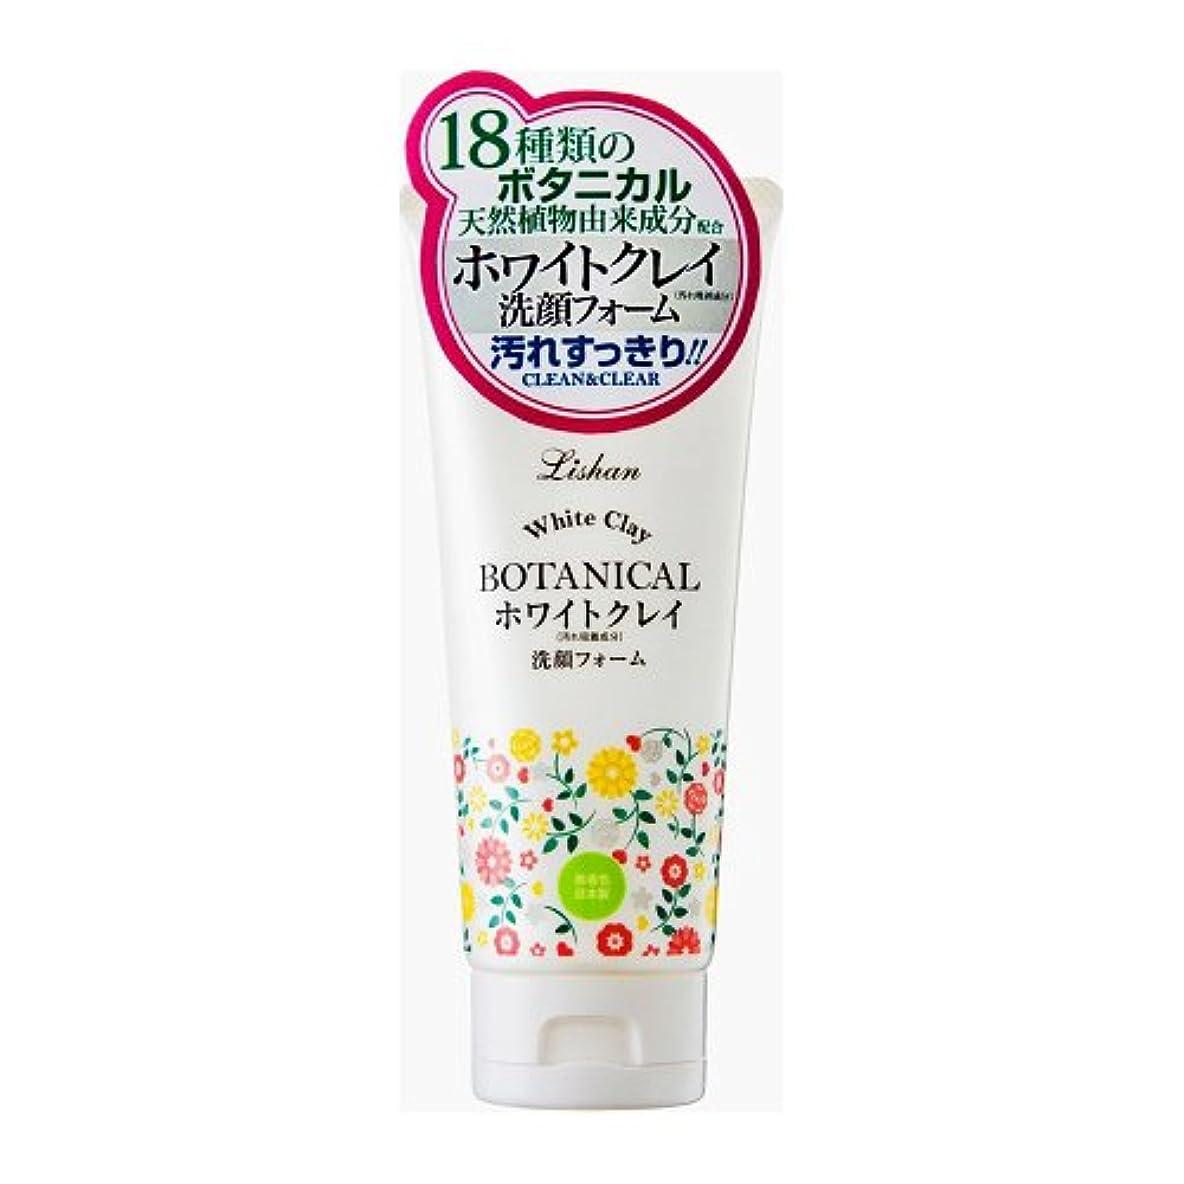 ライナーアライメント肘掛け椅子リシャン ホワイトクレイ洗顔フォーム (フレッシュハーブの香り) (130g)